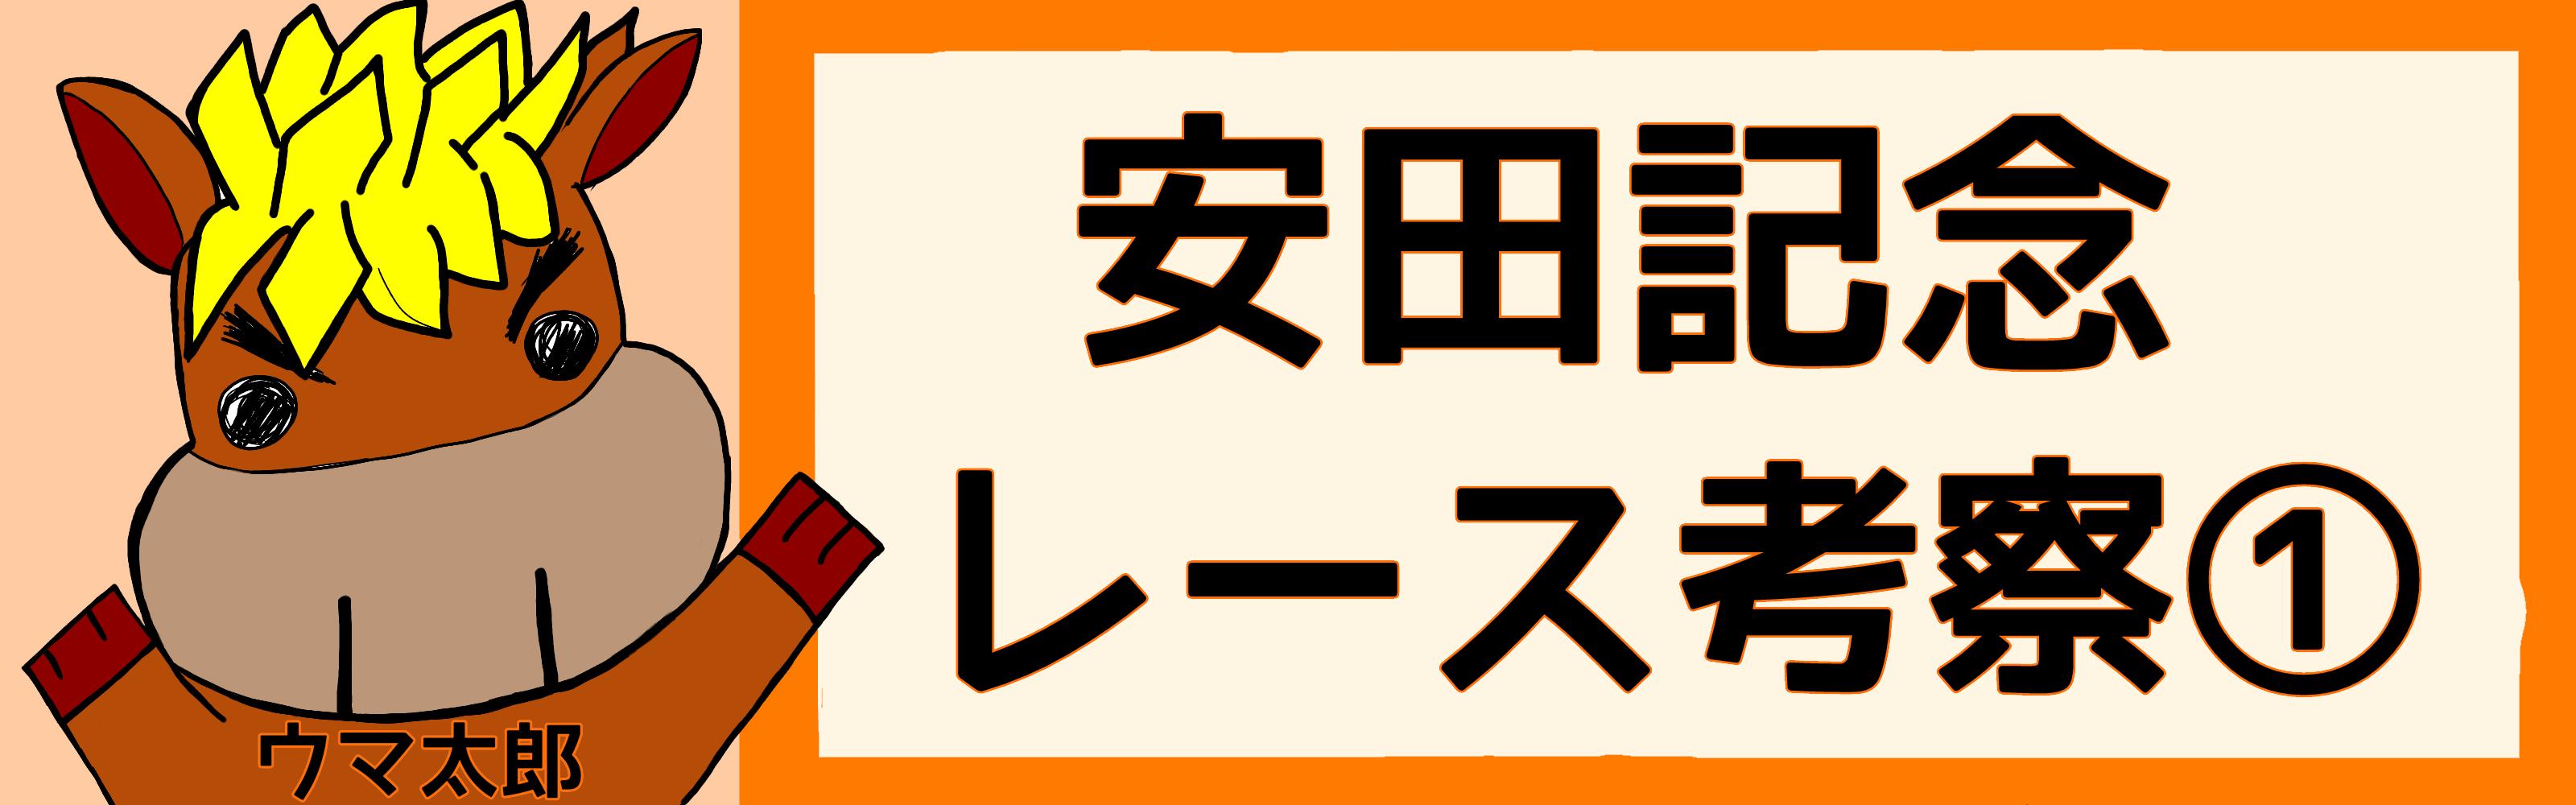 安田記念考察1